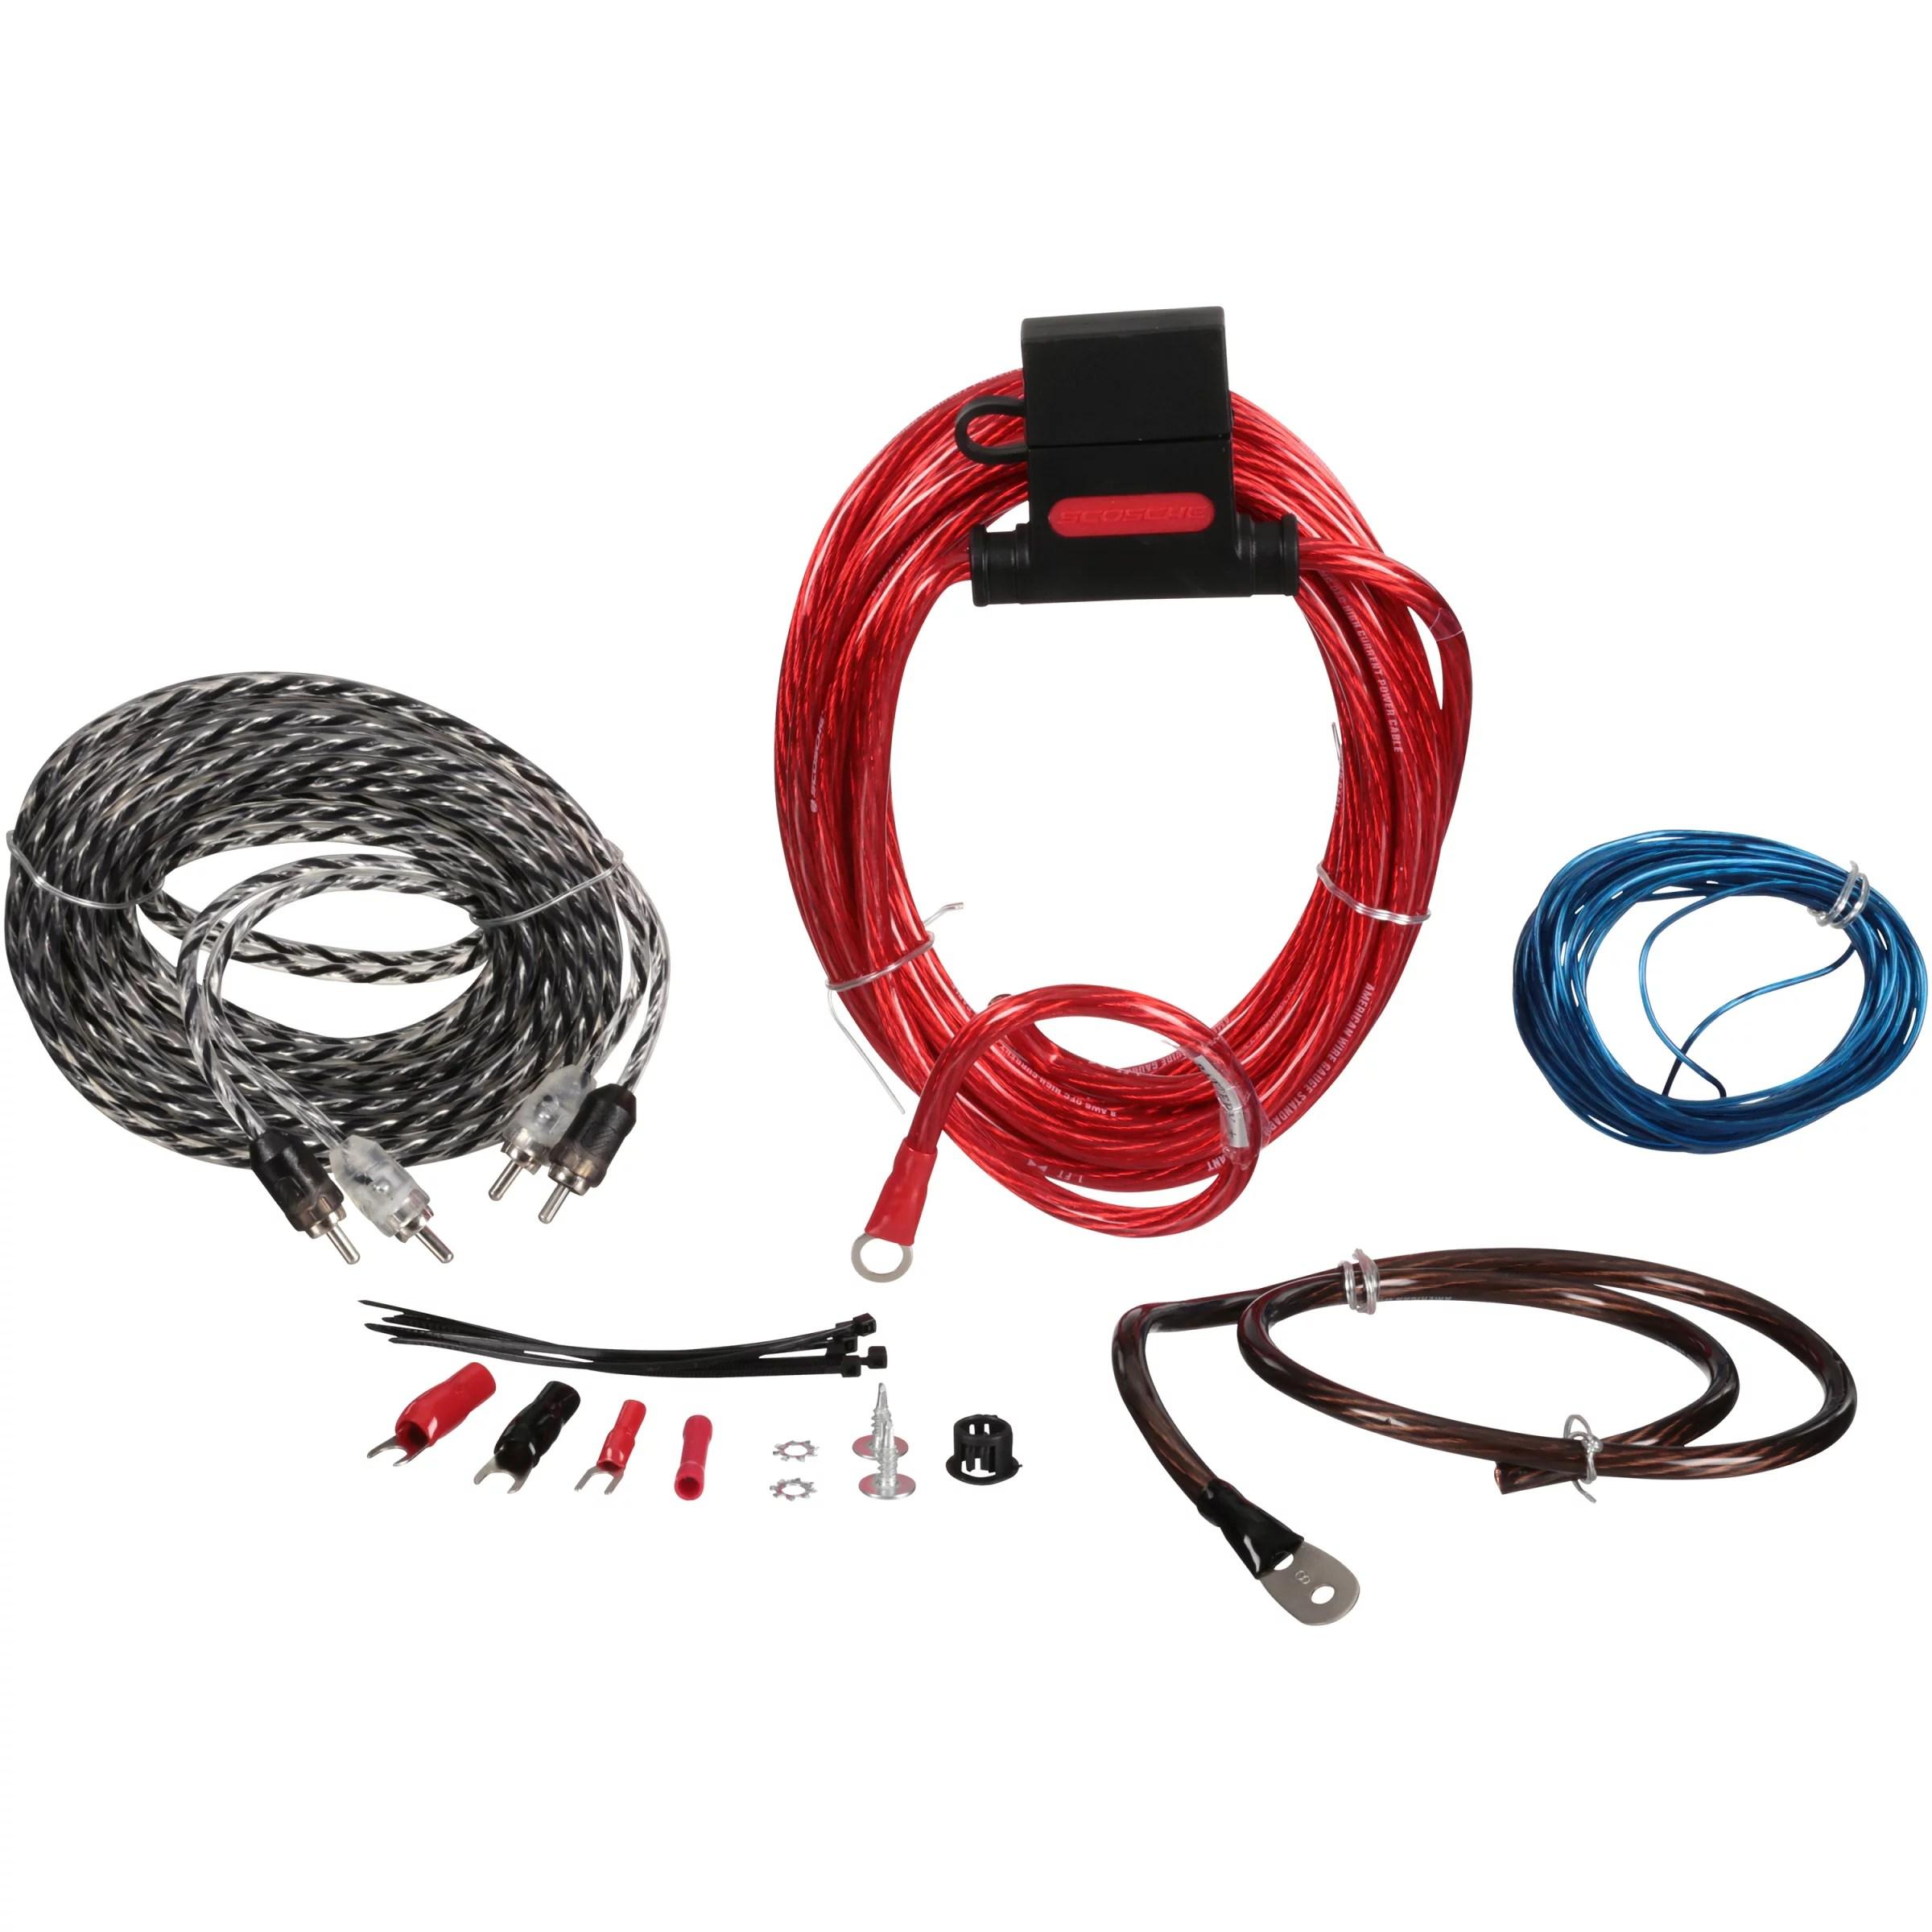 hight resolution of scosche car stereo amplifier wiring kit wiring diagram todayscosche 680 watt max 400 amp wiring